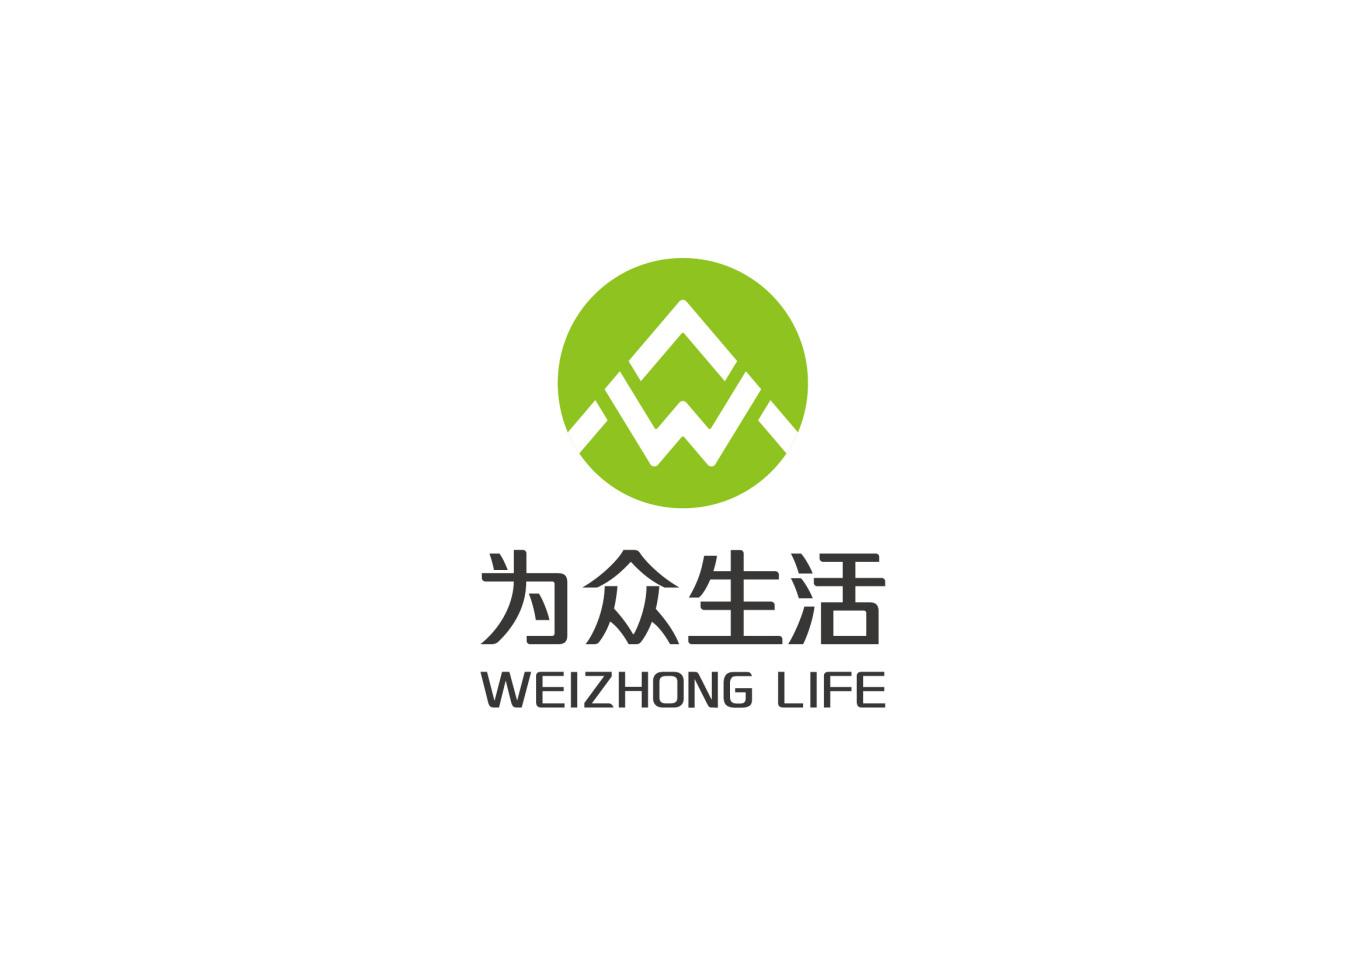 为众生活-品牌标志设计图8